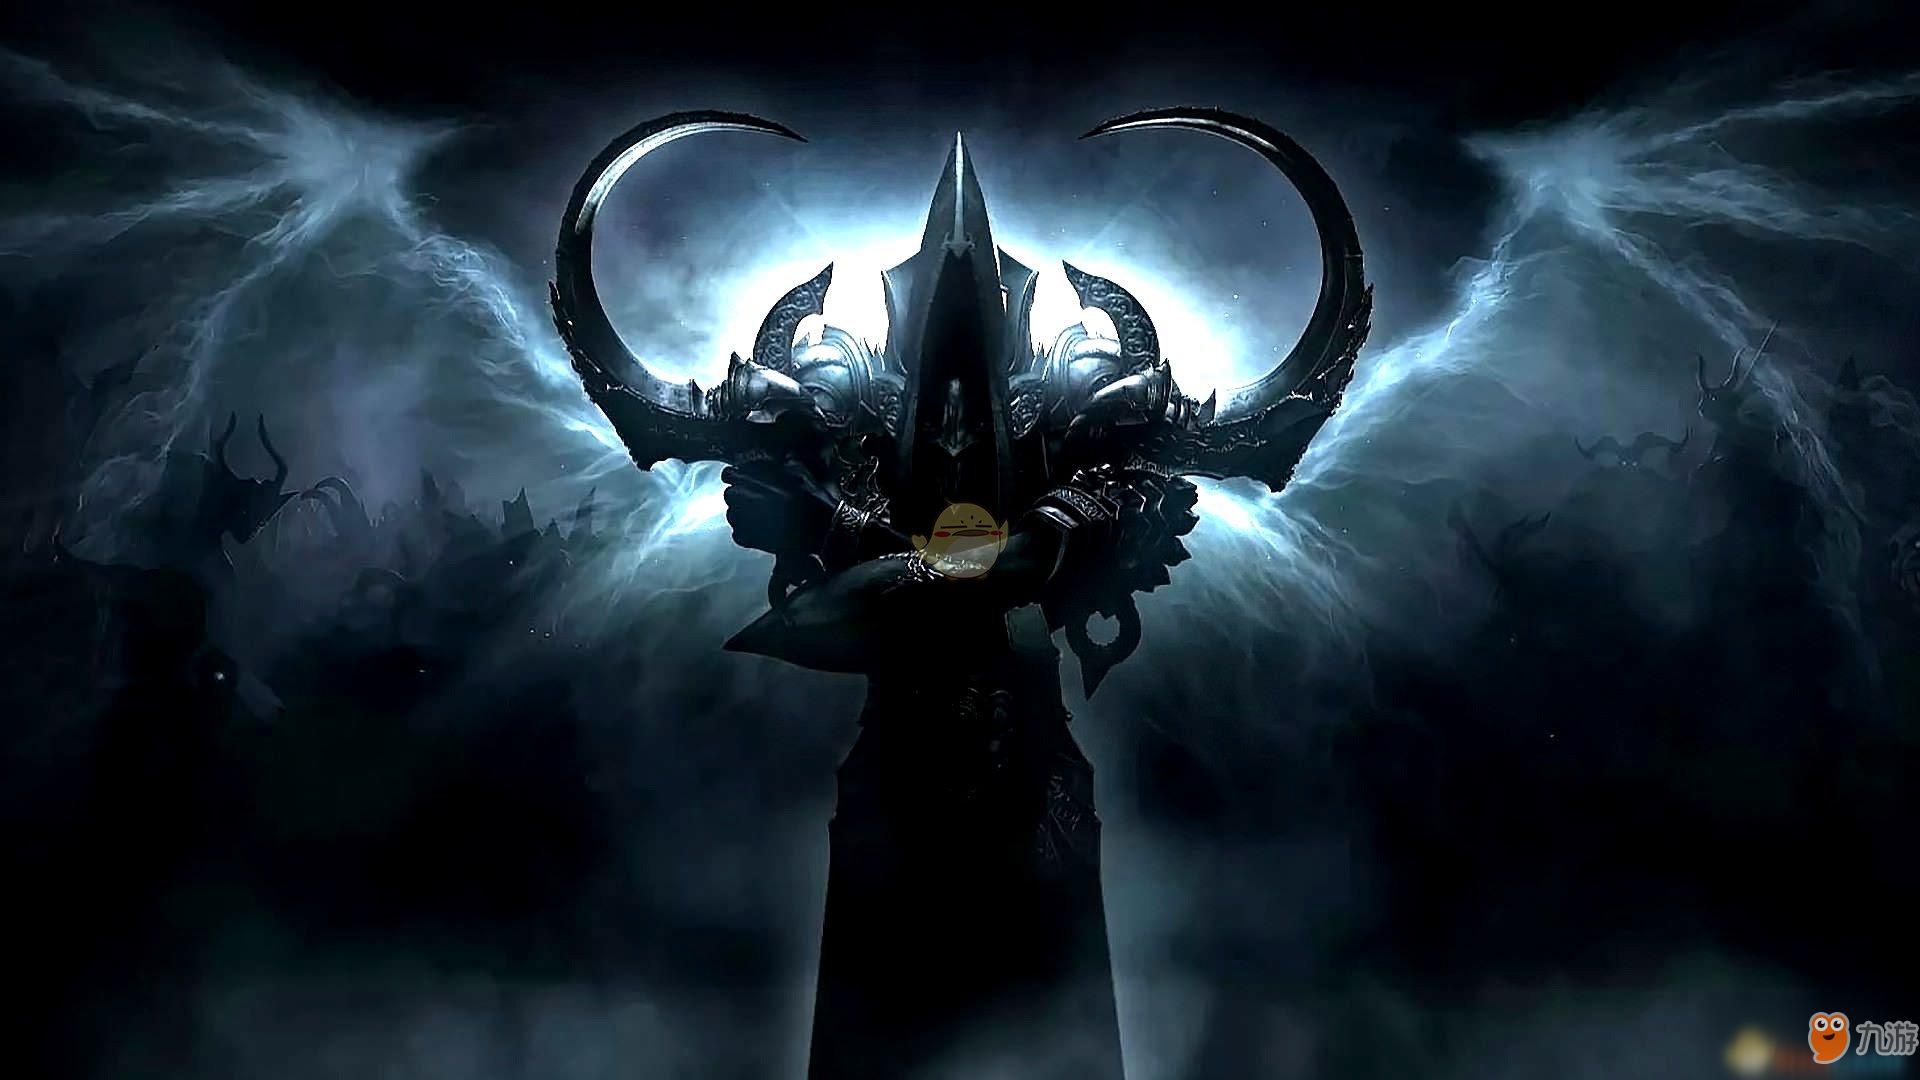 《暗黑破坏神3》赛季英雄不能和非赛季英雄组队解决方法分享